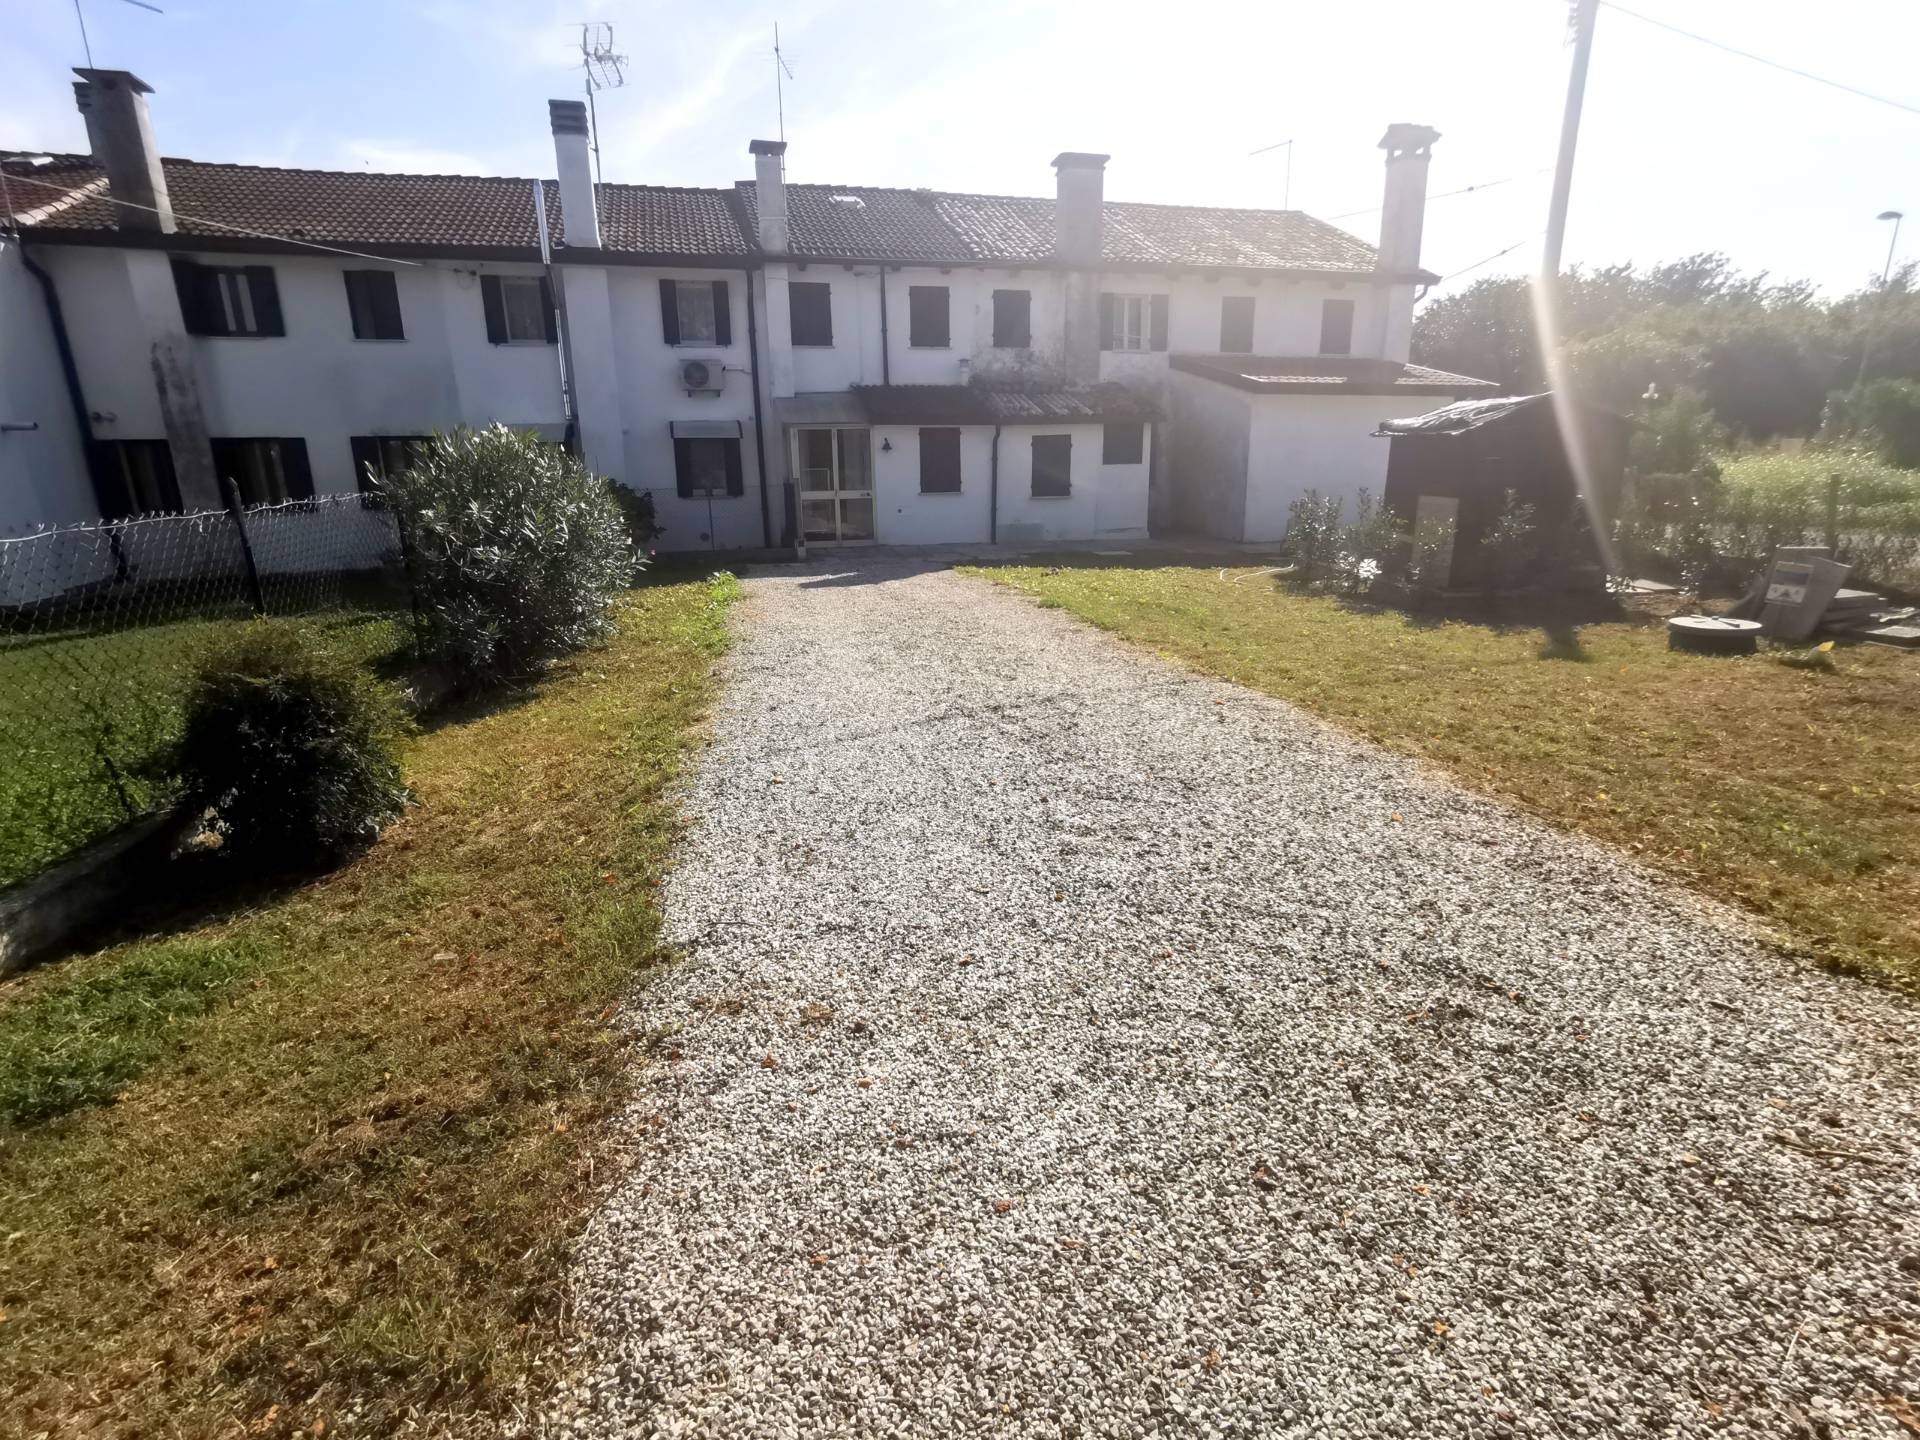 Appartamento in affitto a Curtarolo, 3 locali, zona Località: CURTAROLO, prezzo € 450 | CambioCasa.it